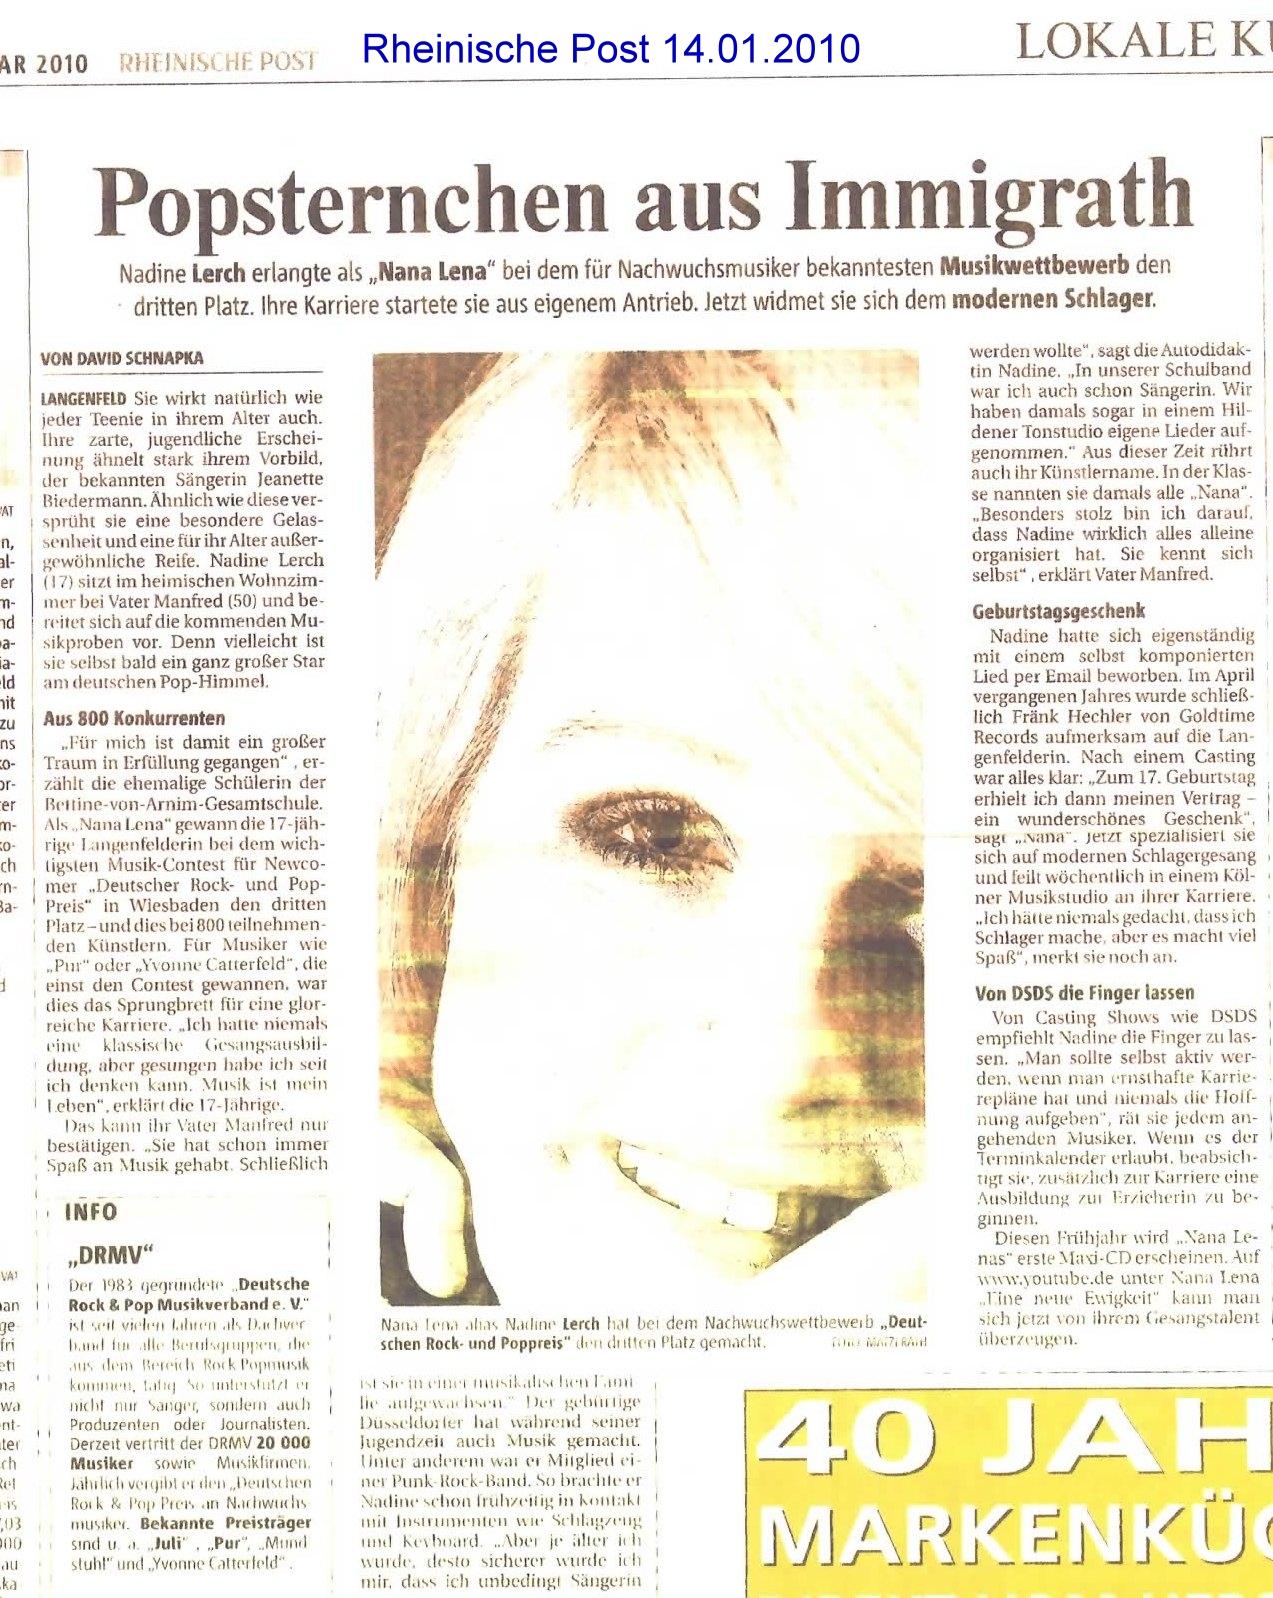 20100114 Rheinische Post